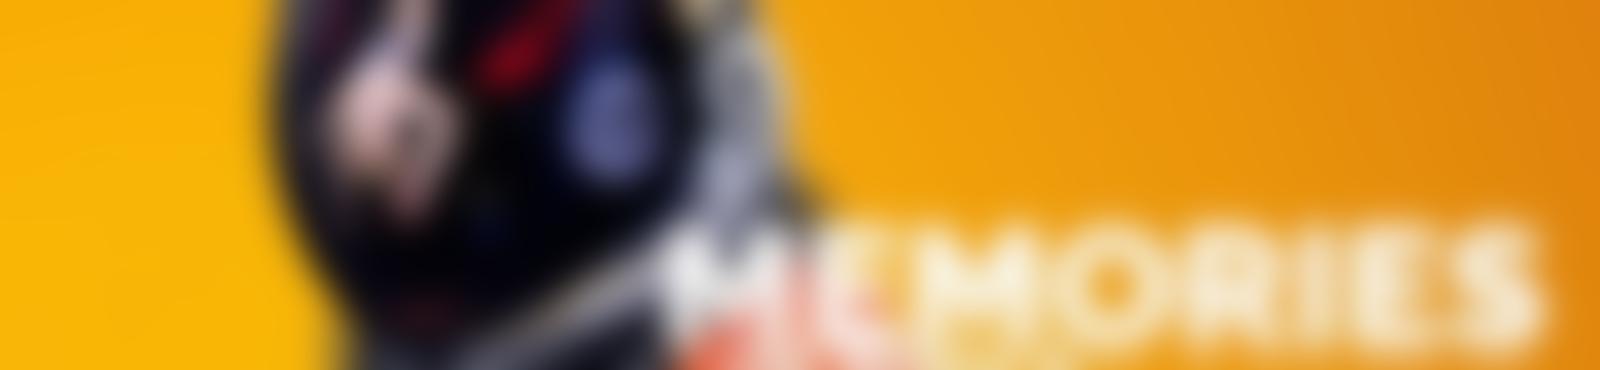 Blurred 782d6f66 12e0 441f ba43 72569198016a